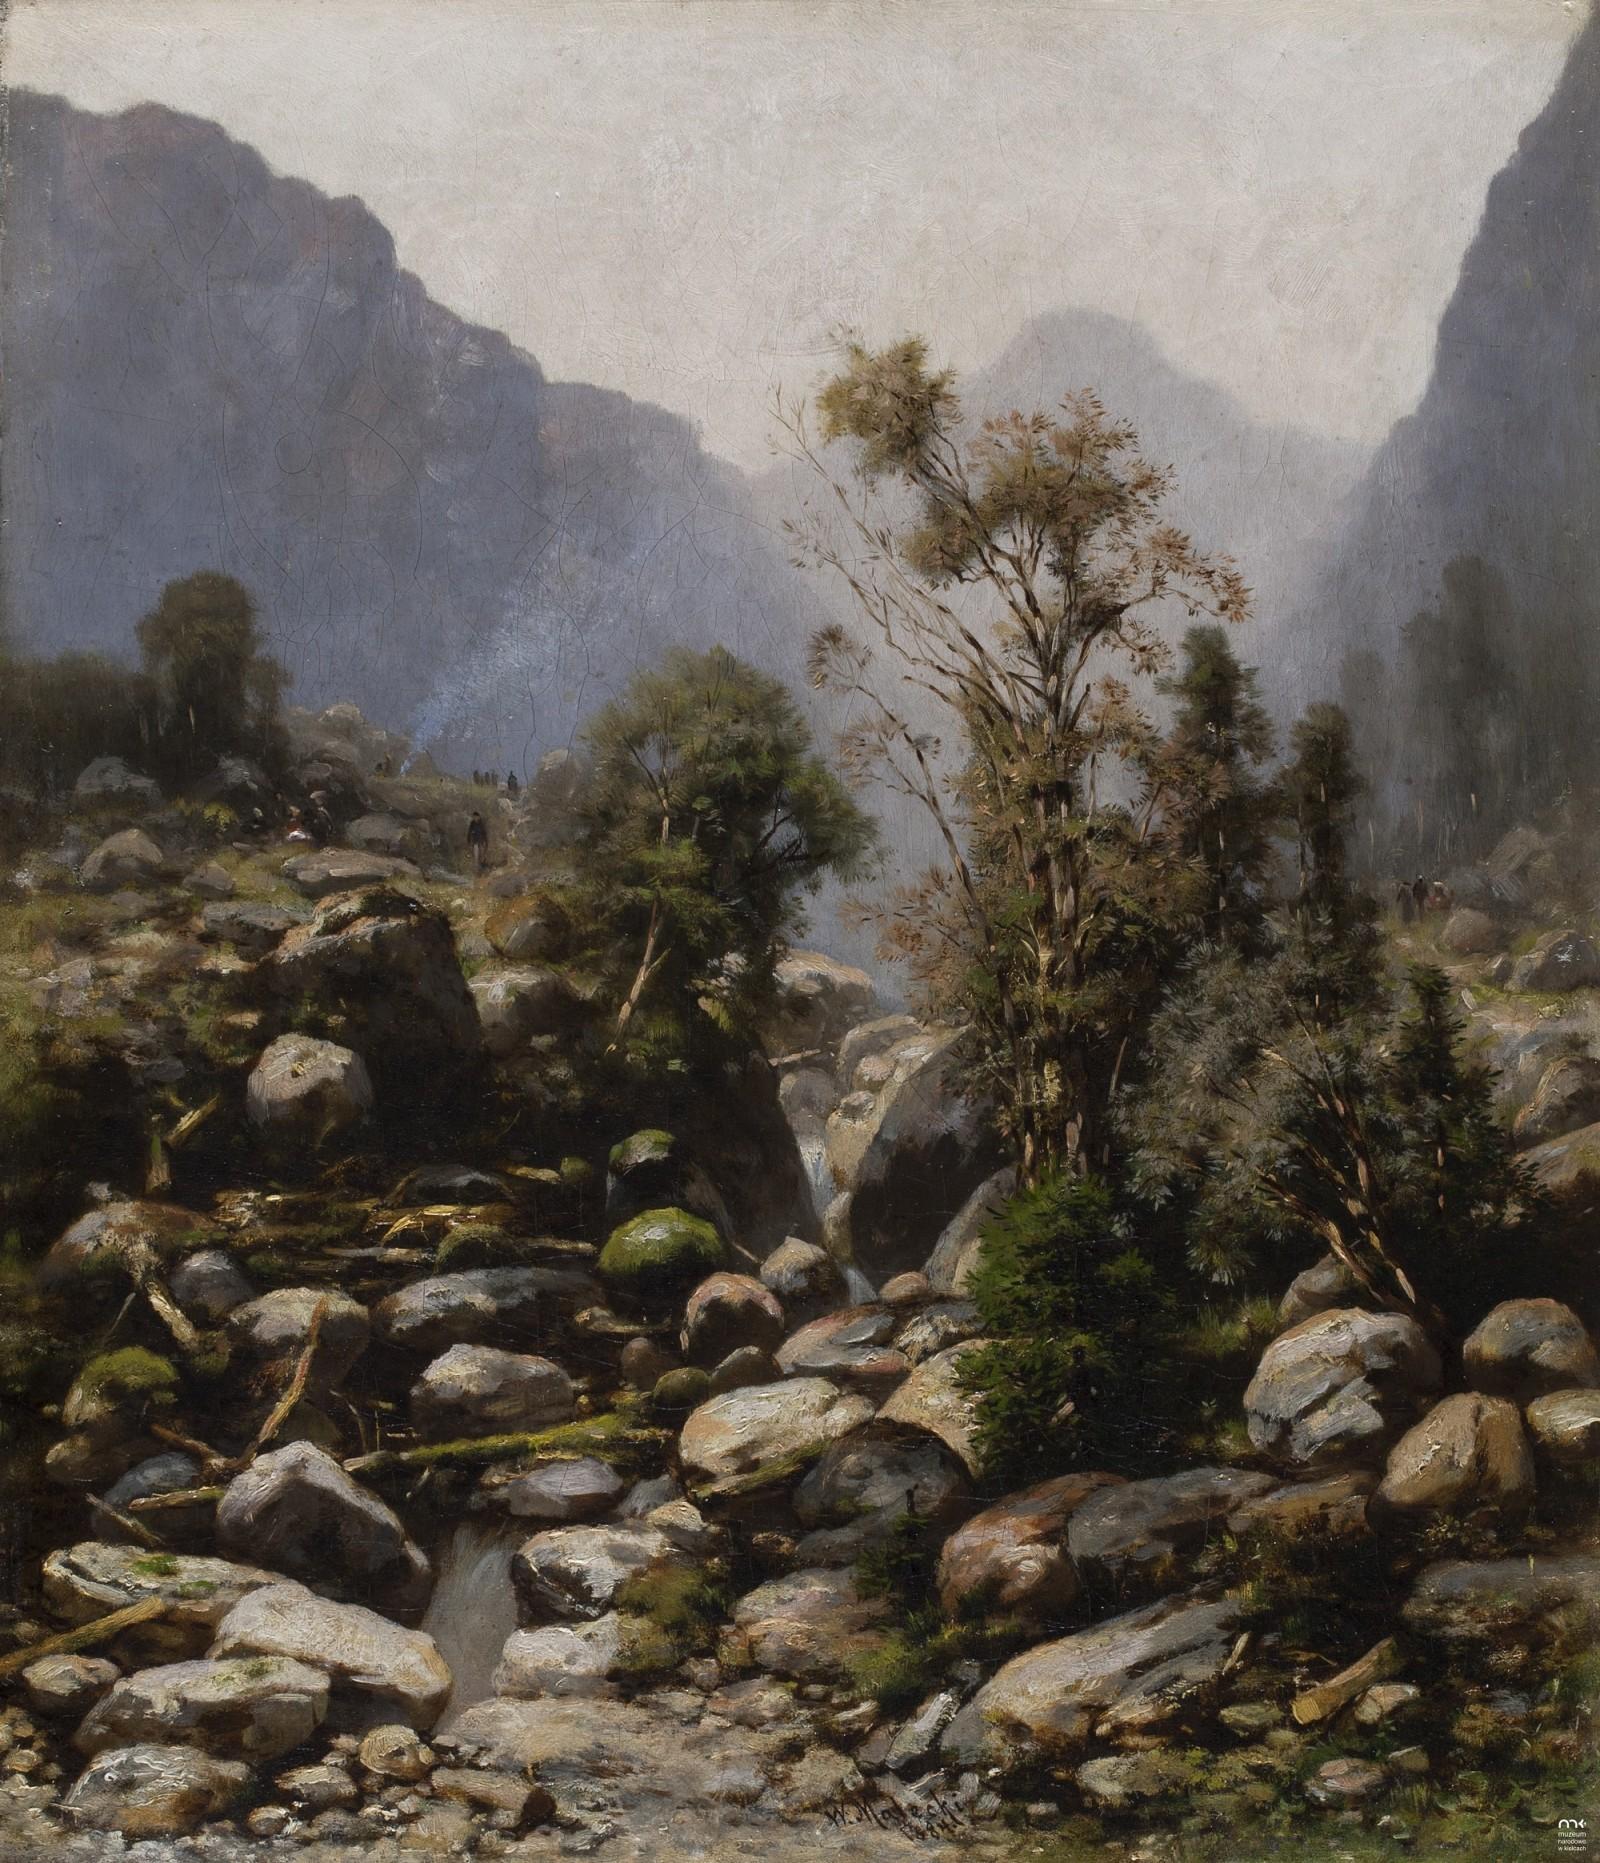 """Władysław Malecki (1836-1900) """"Pejzaż górski"""", 1884 rok, źródło: Muzeum Narodowe w Kielcach"""